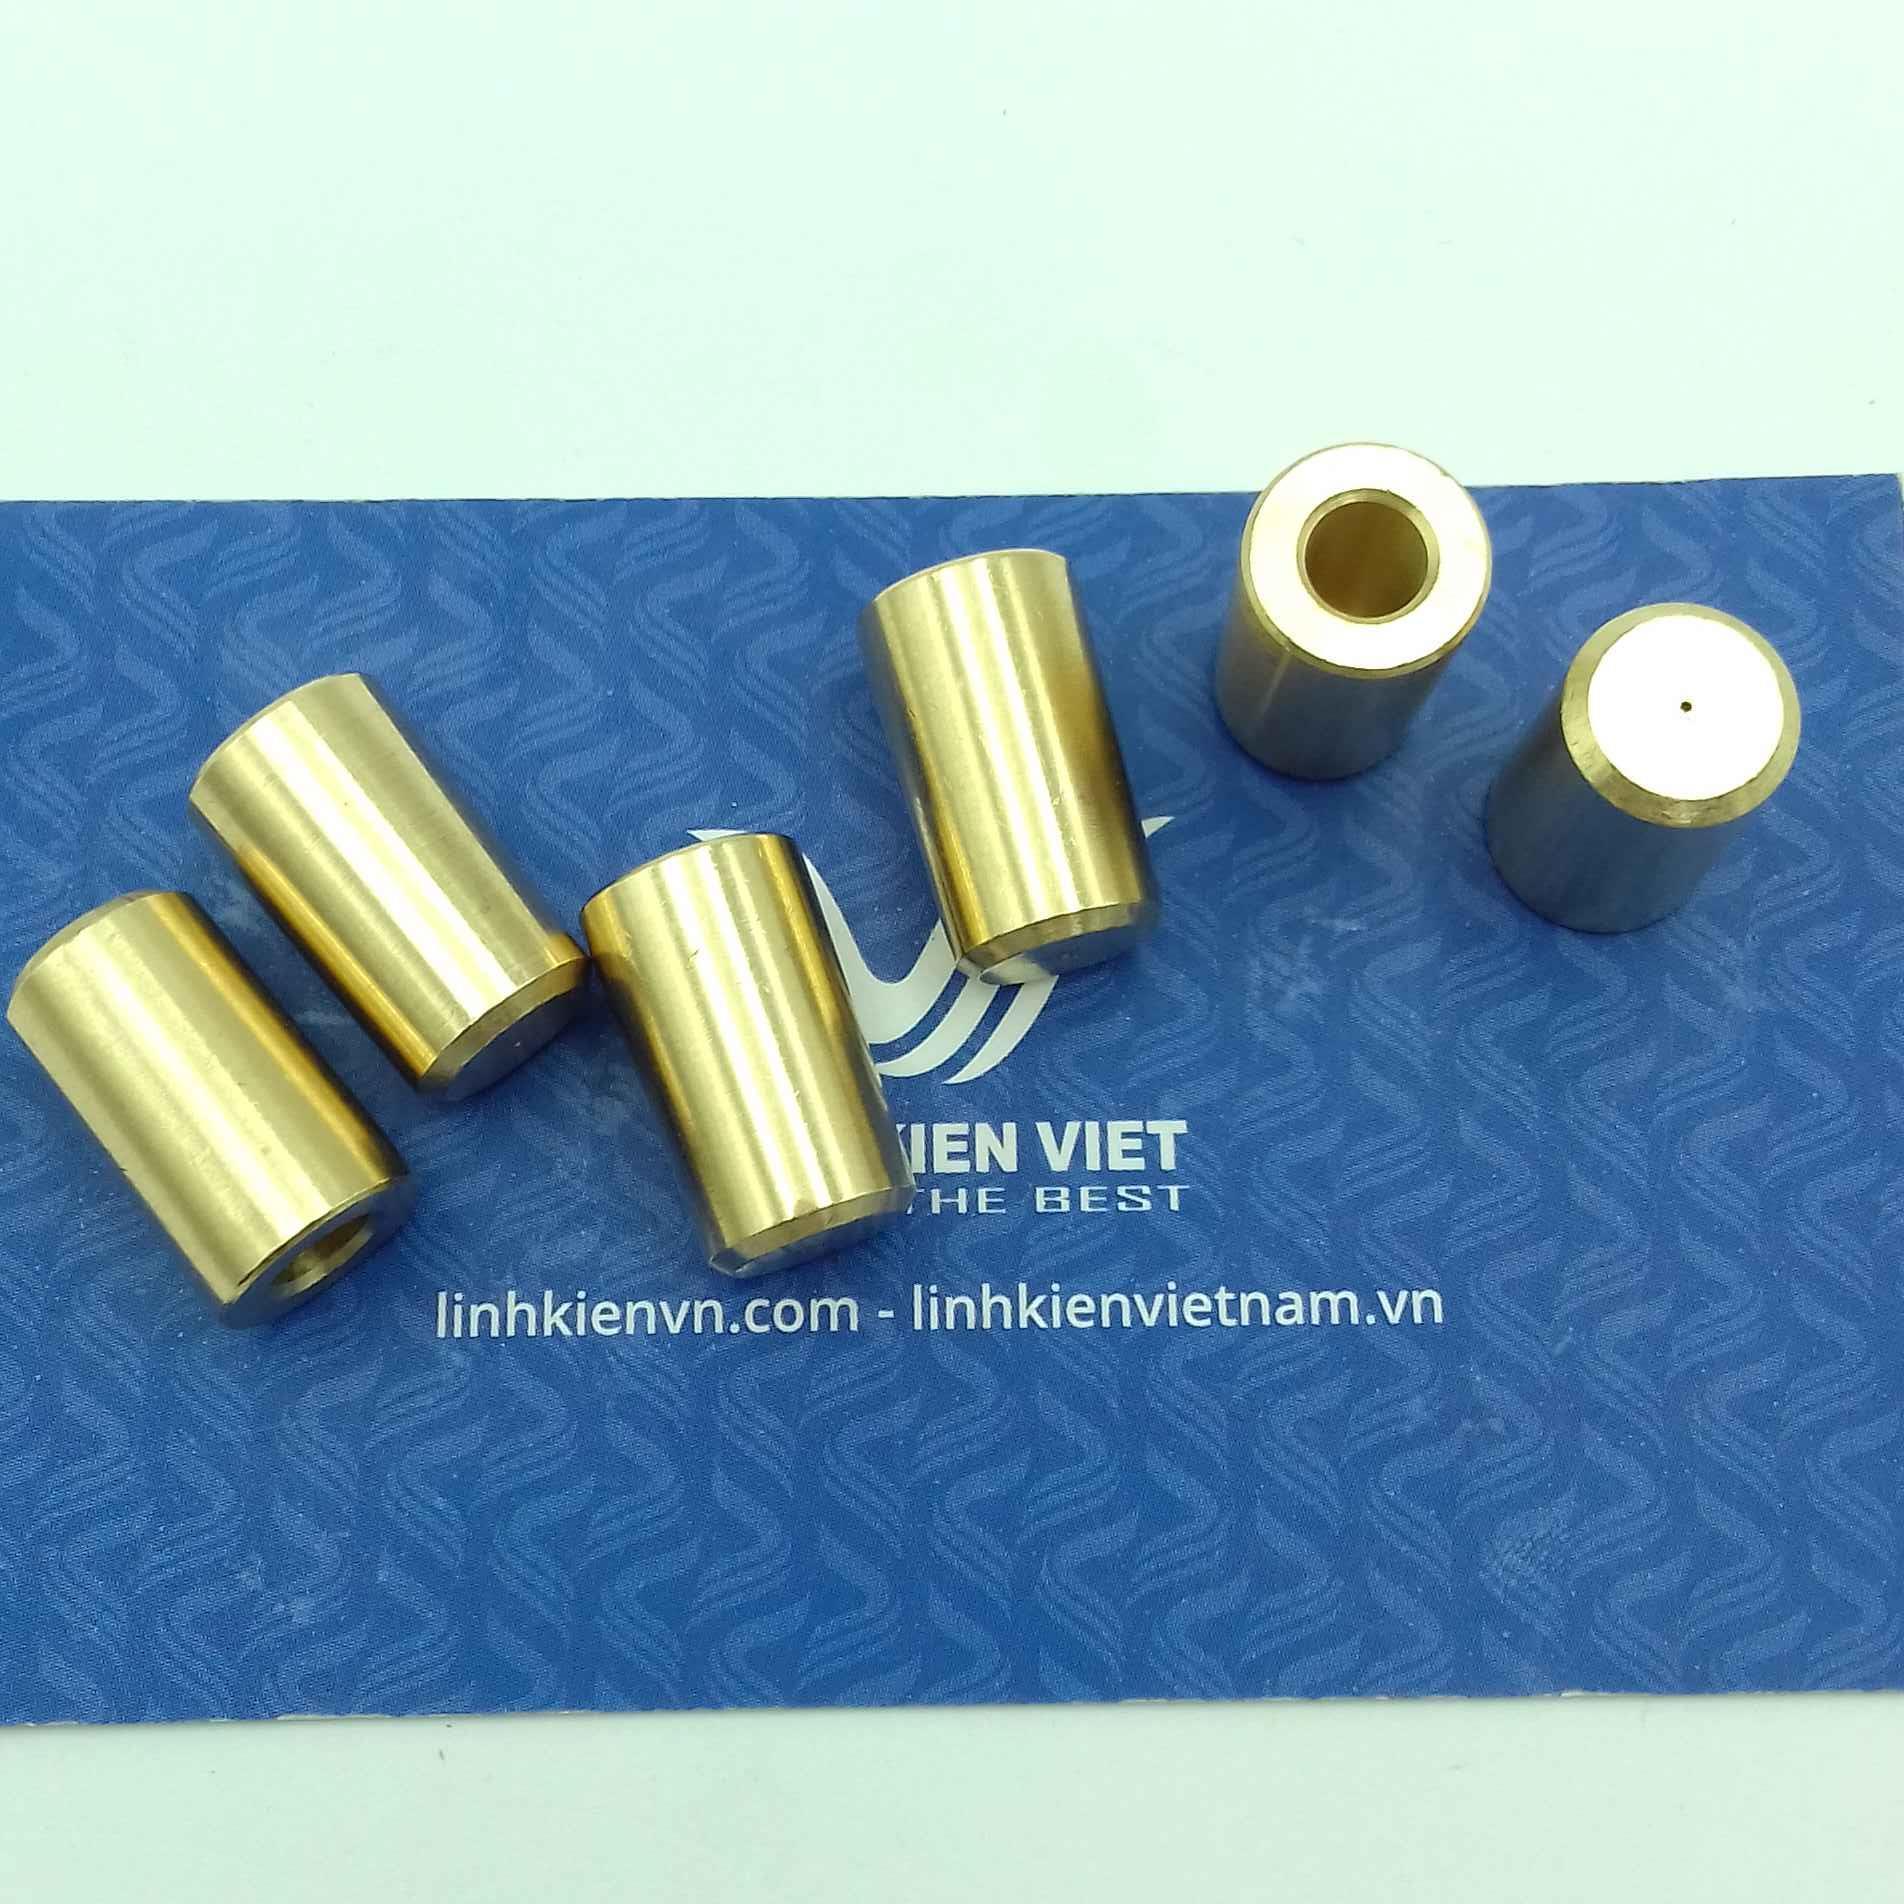 Đầu đồng chụp khoan JT0 B10 trục 5mm cho động cơ 775 - i5H15